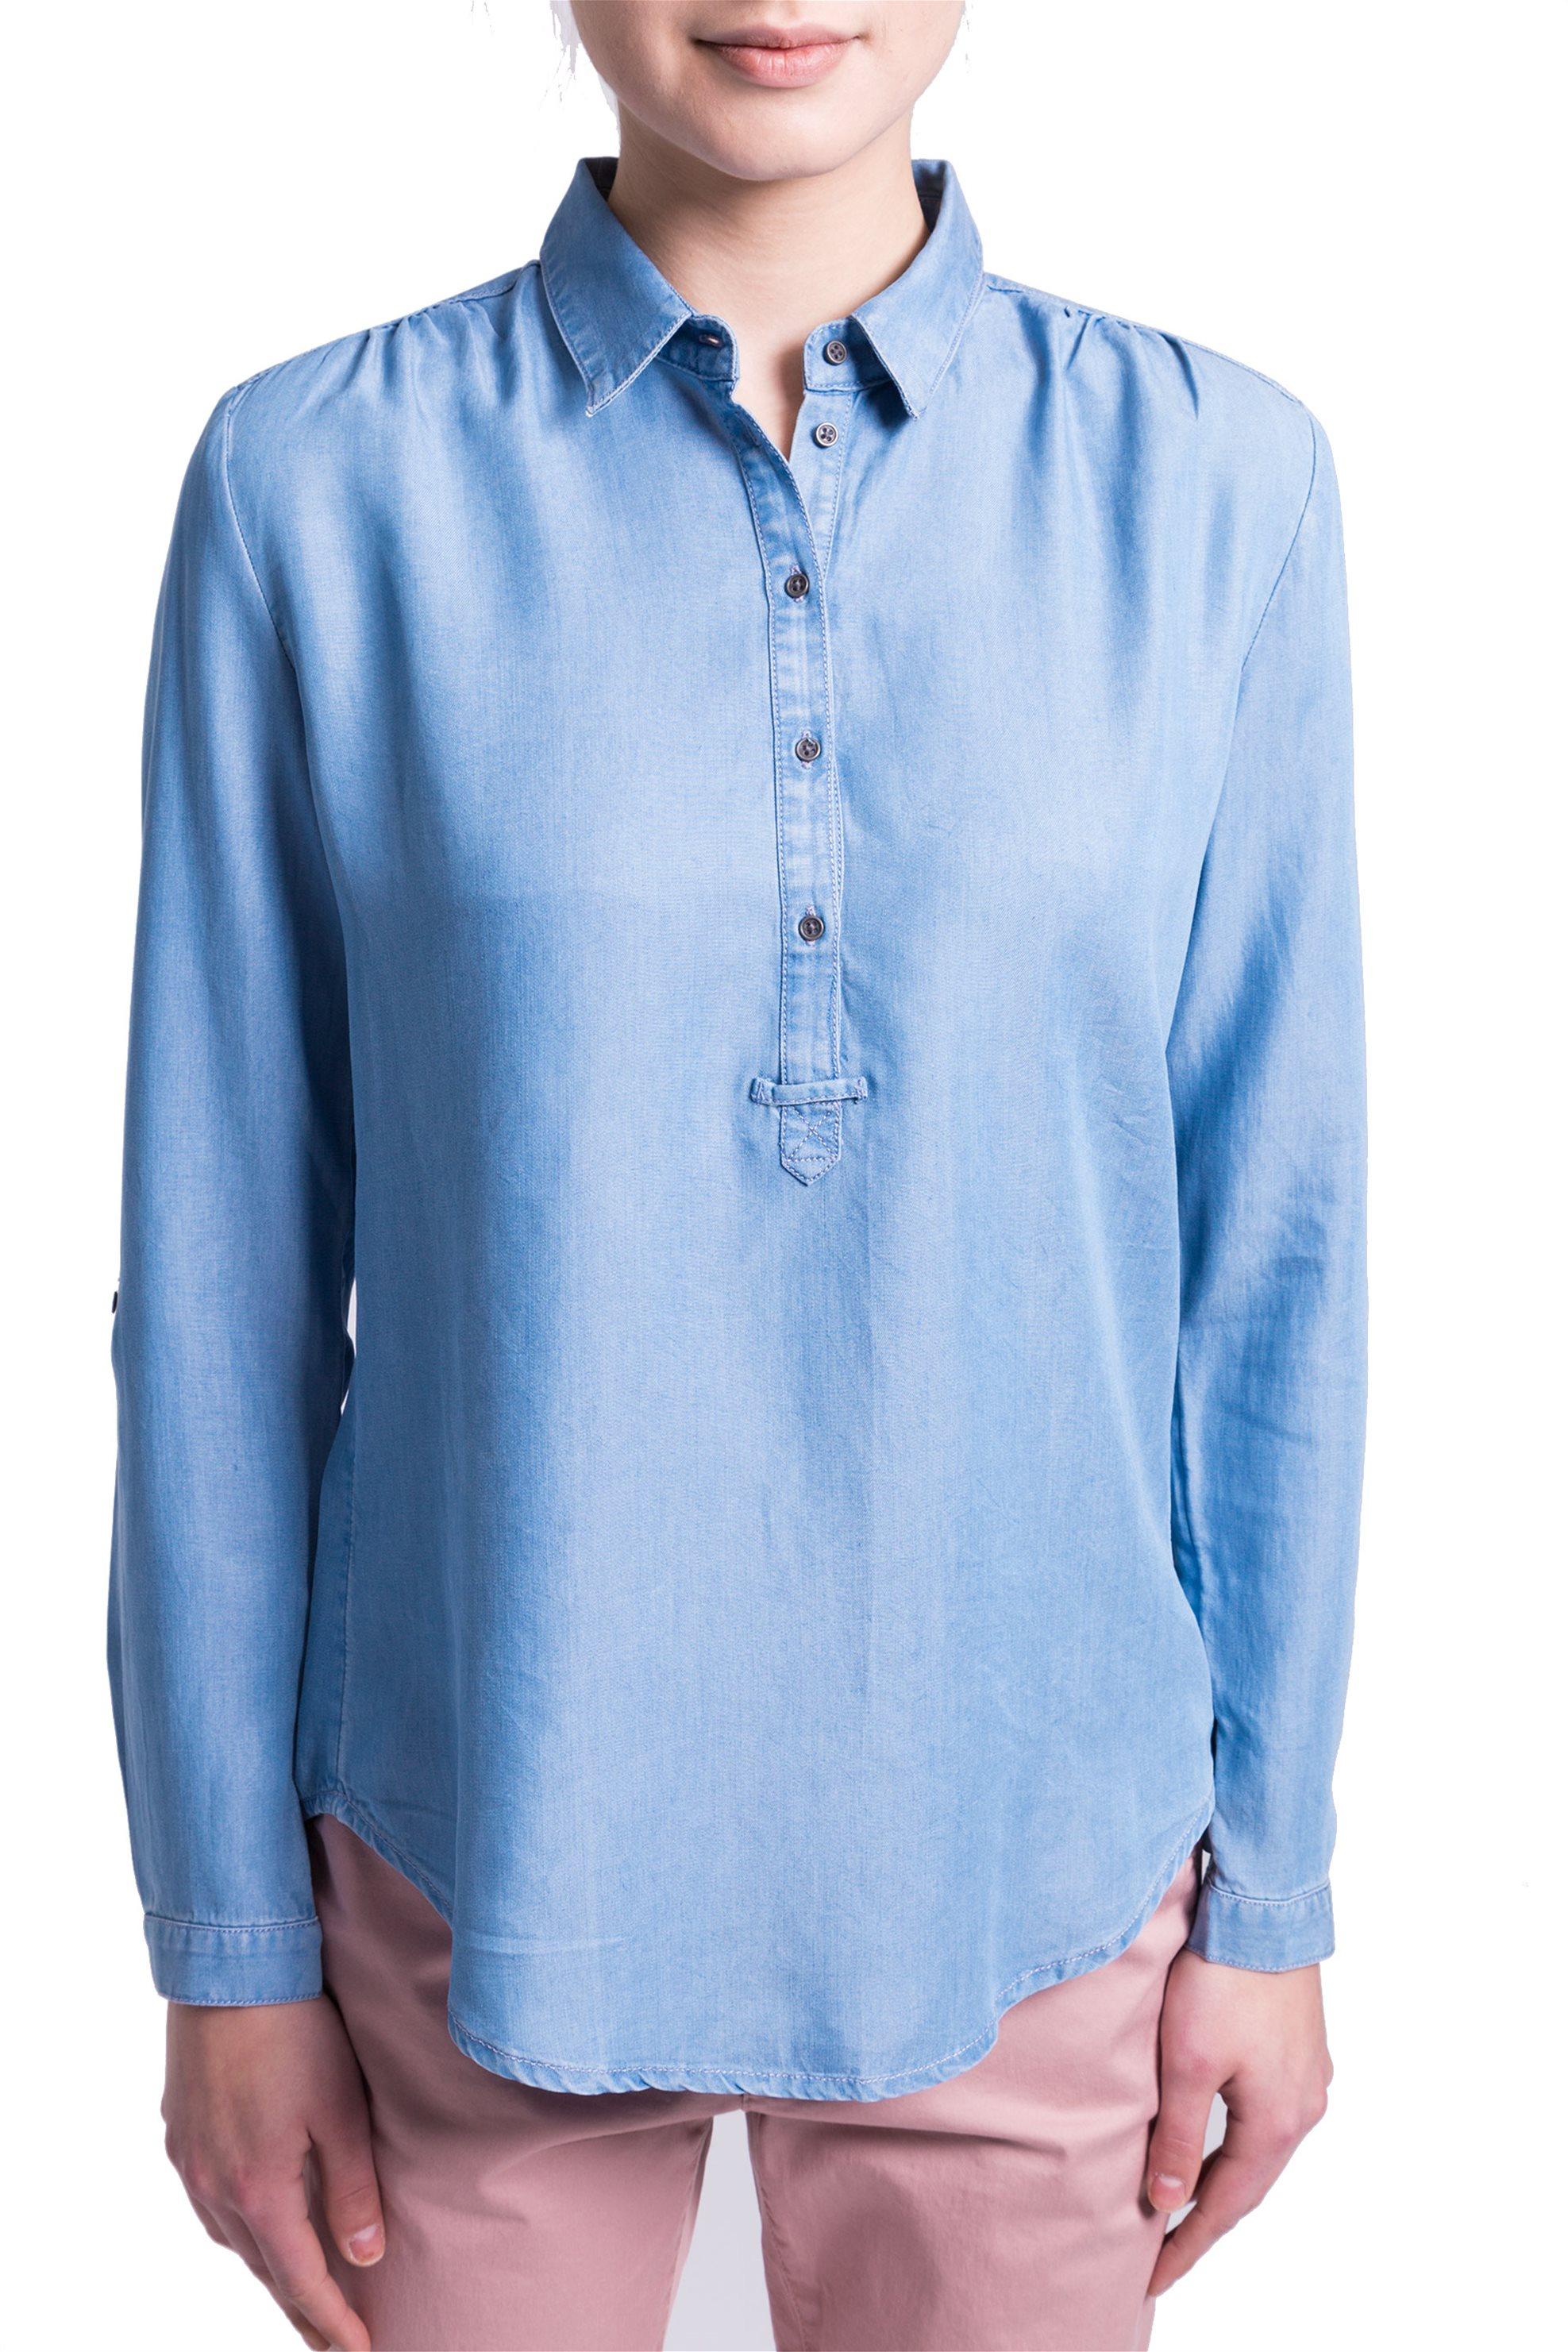 Γυναικεία μπλούζα Esprit - 028EE1F033 - Γαλάζιο γυναικα   ρουχα   tops   πουκάμισα   μπλούζες   casual